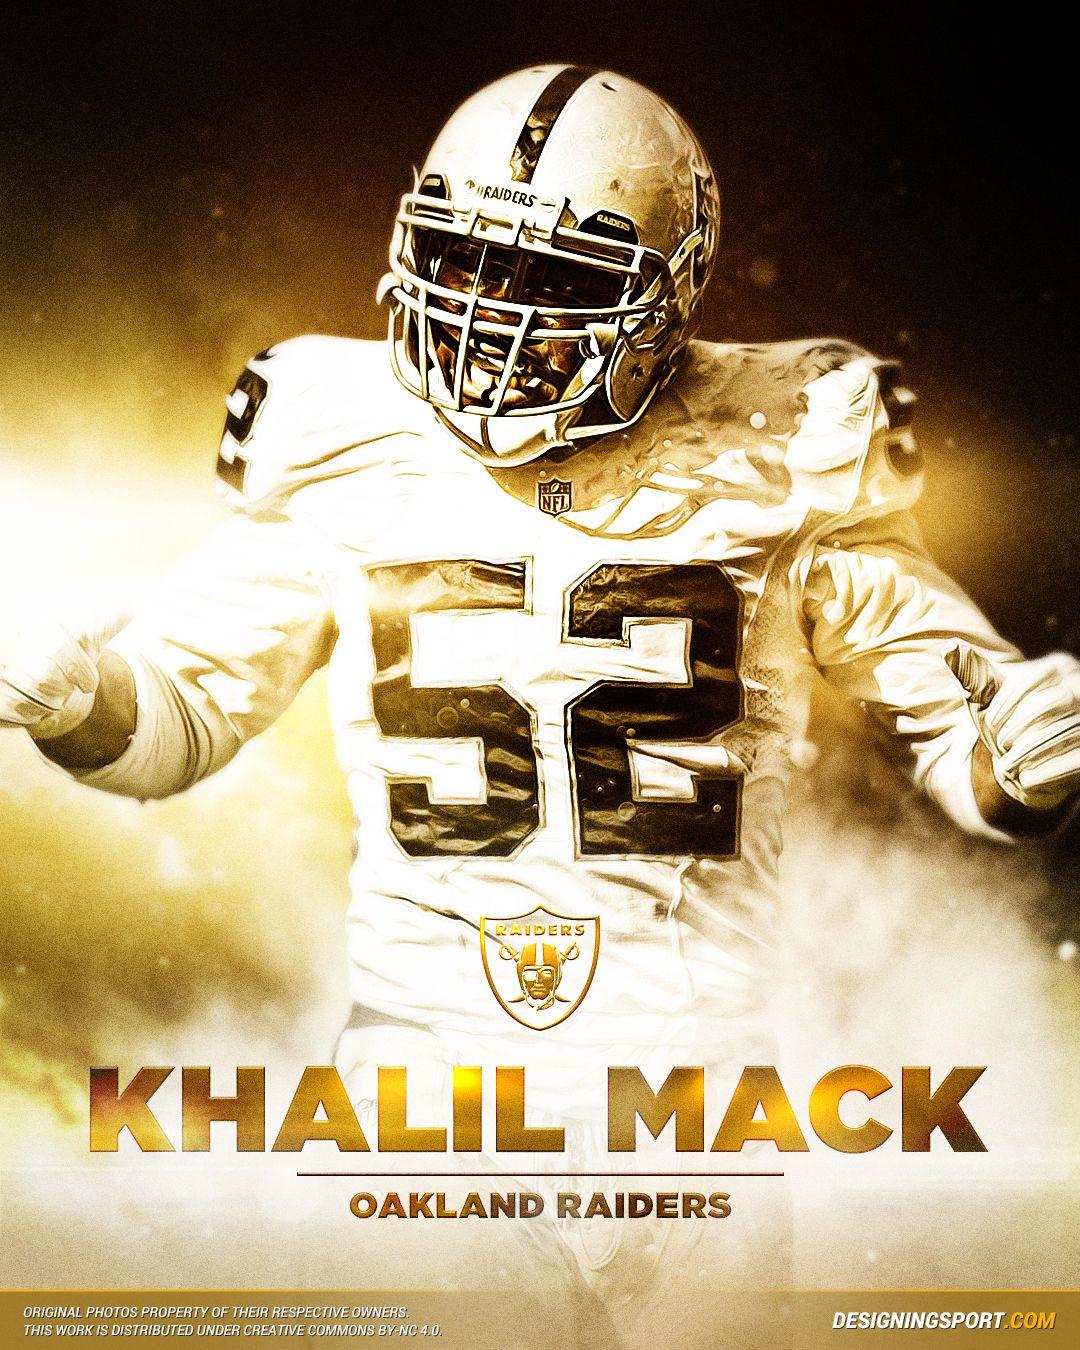 Designing Sport — Khalil Mack 8f2cdbc80efd5